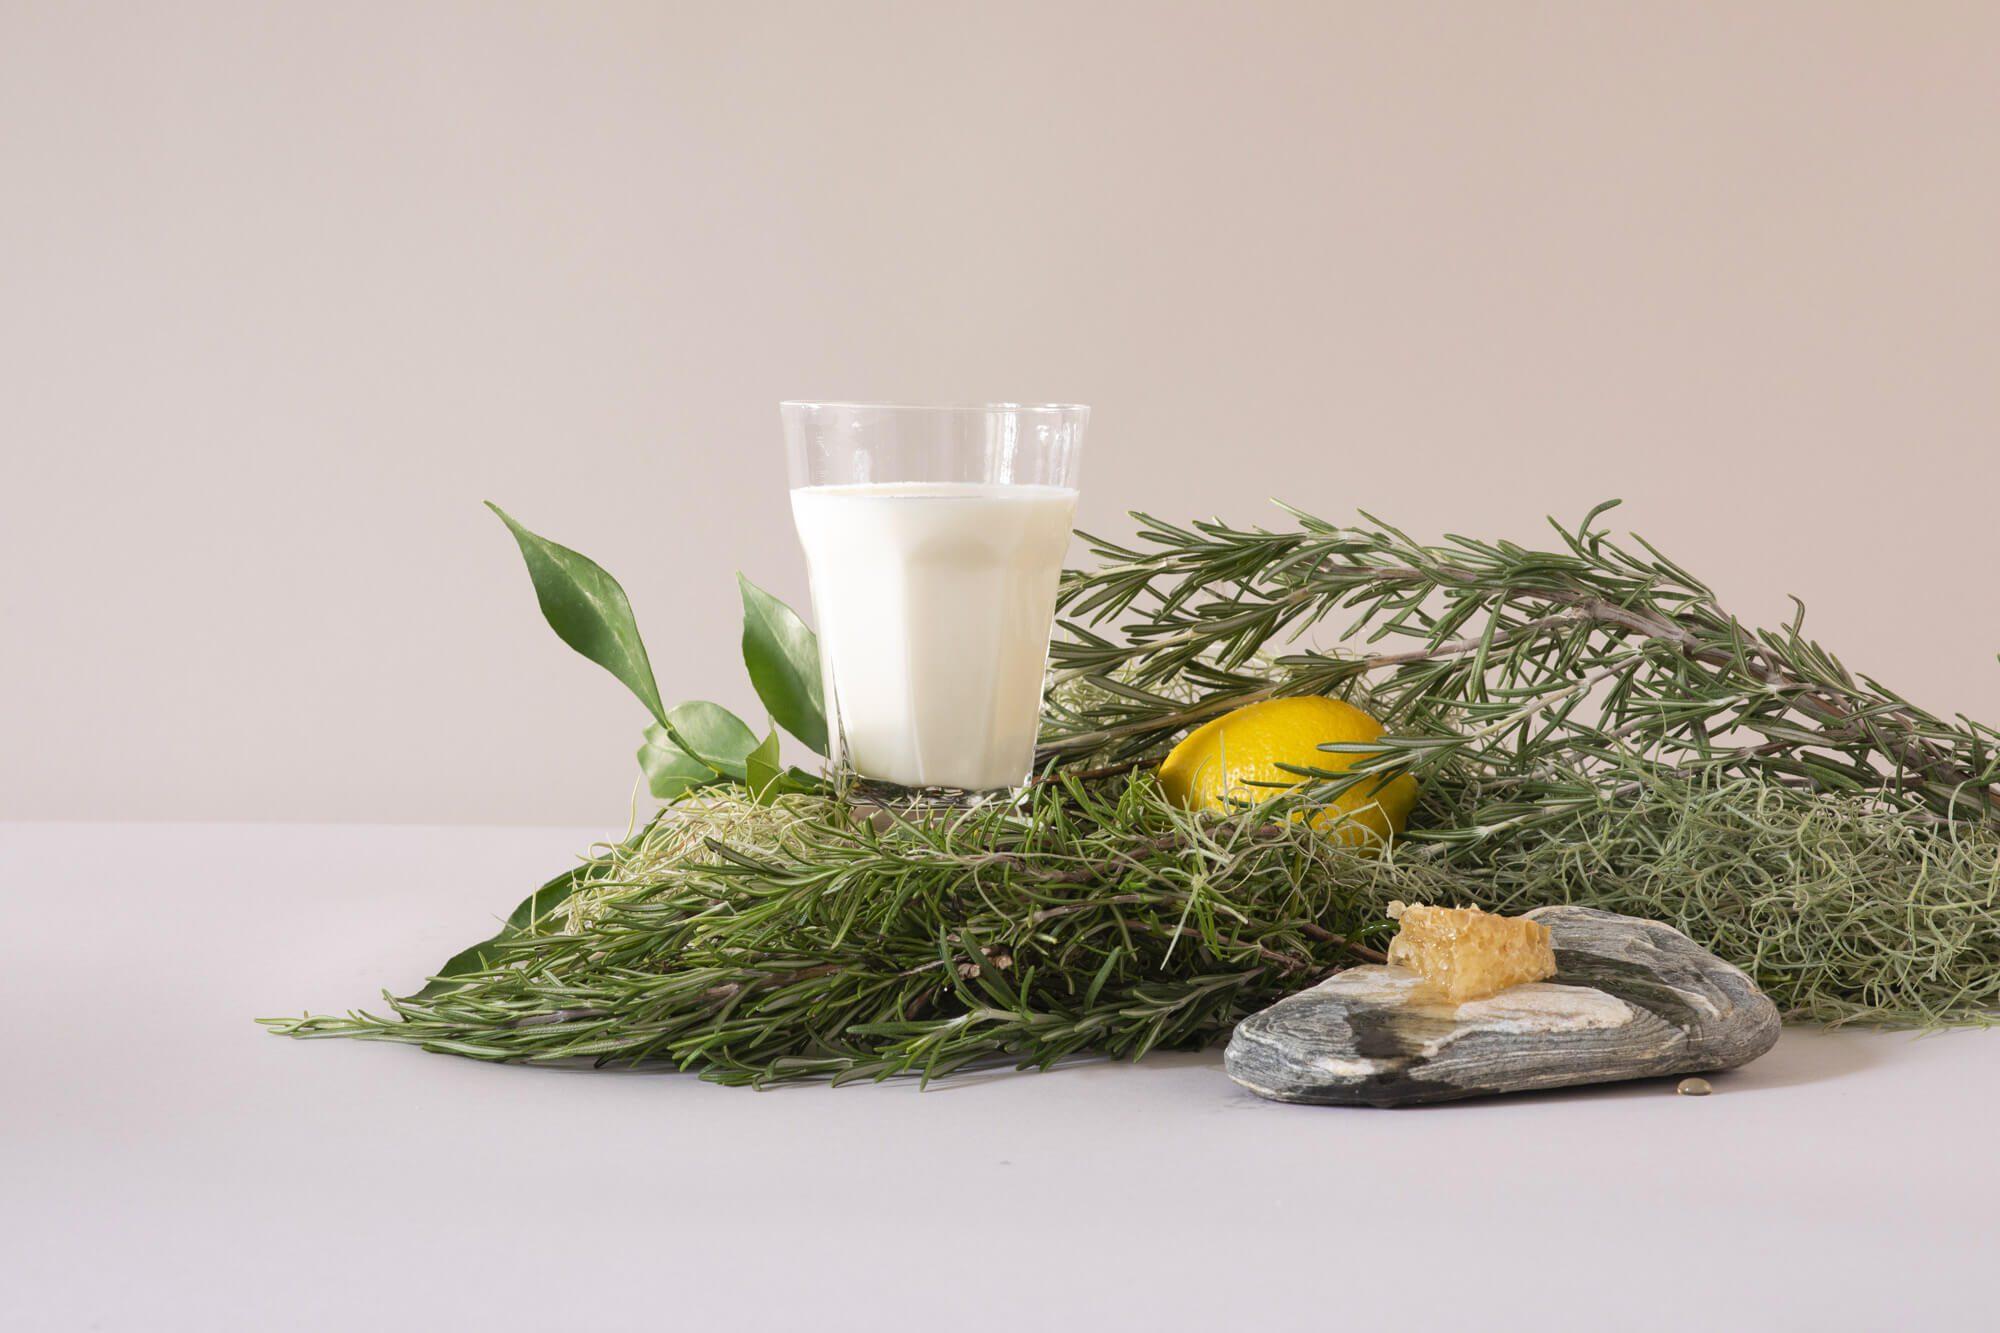 photographie de Virginie Perocheau pour le studio de création IchetKar, représentant un lait infusé au romarin, recette détox mise en valeur dans cette série pour la milkfactory